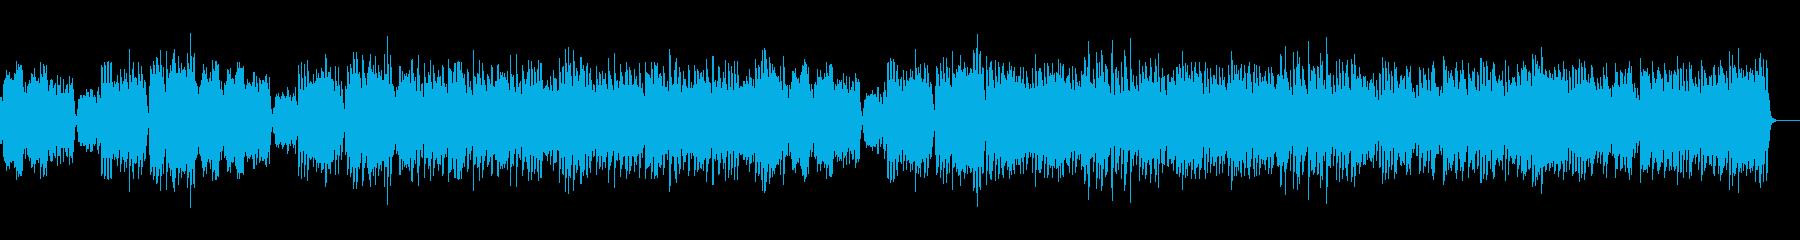 メイプル・リーフ・ラグ_オルゴールverの再生済みの波形